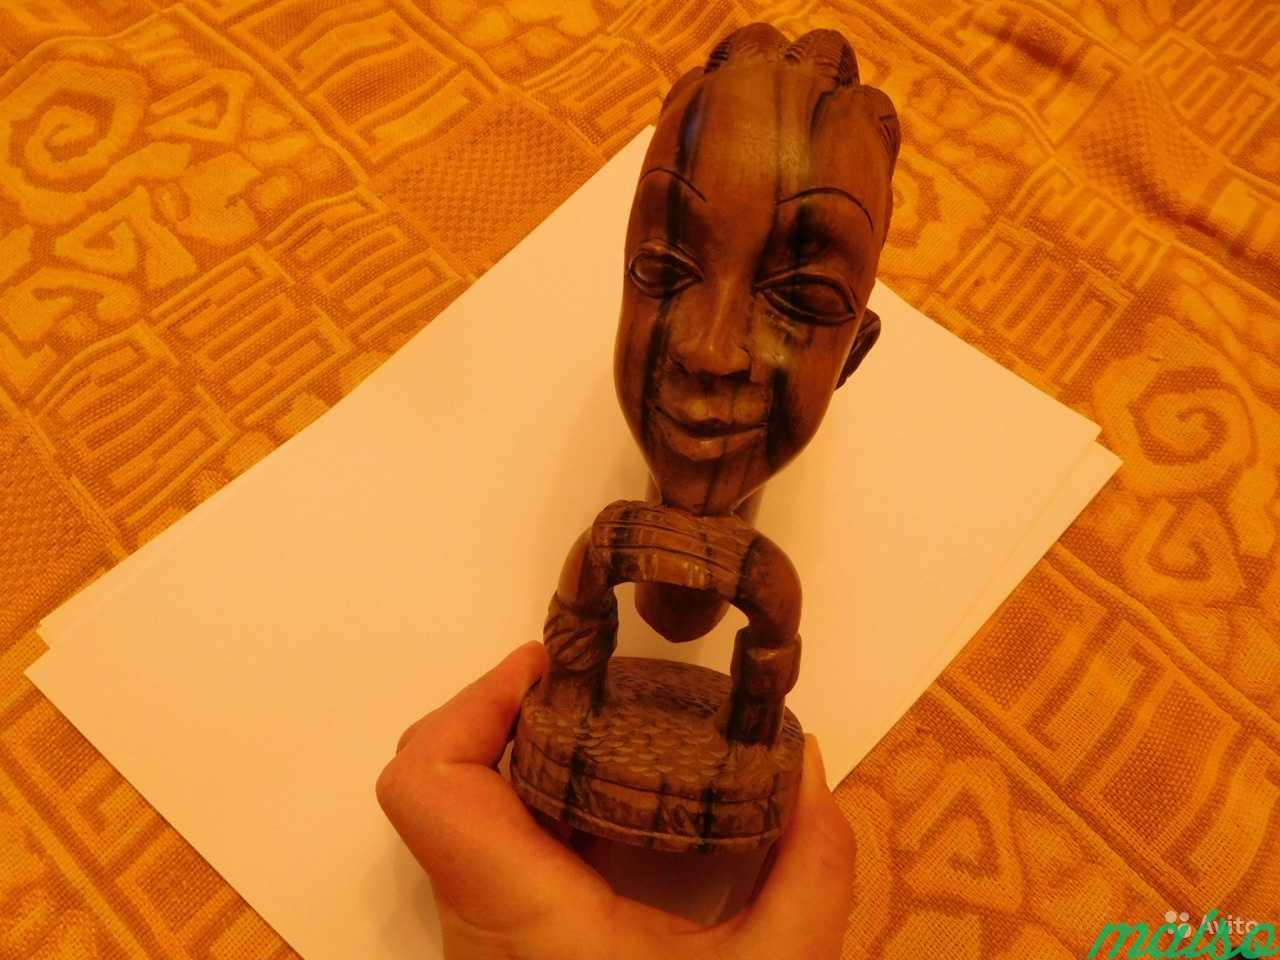 Африканска статуэтка голова женщины Эбеновое дерев в Москве. Фото 4